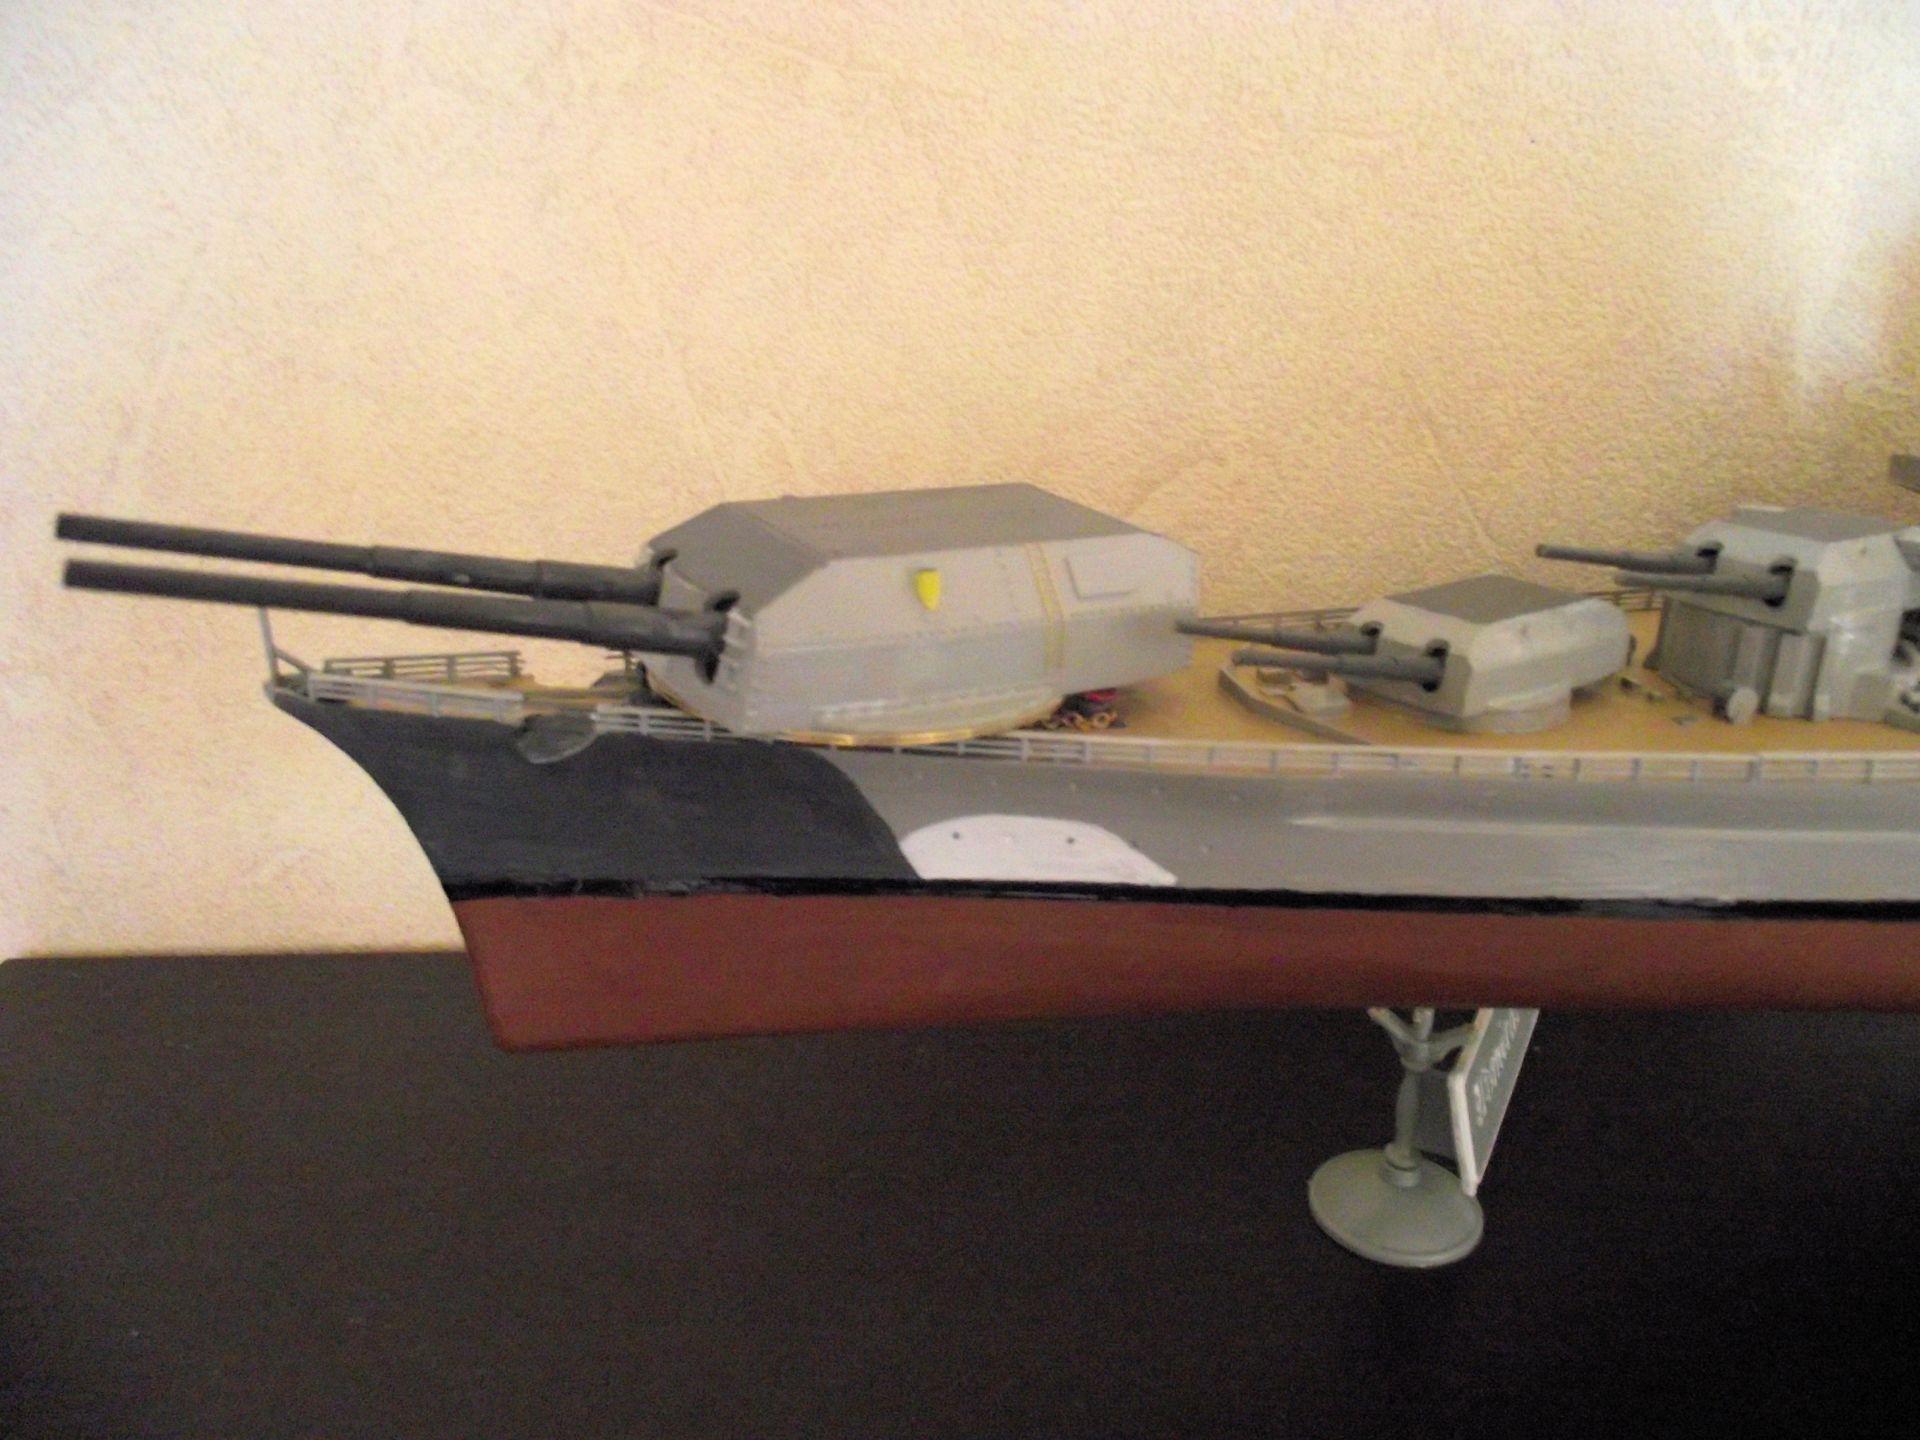 Bismarck au 1/200 Trumpetter  - Page 2 226109DSCF0778